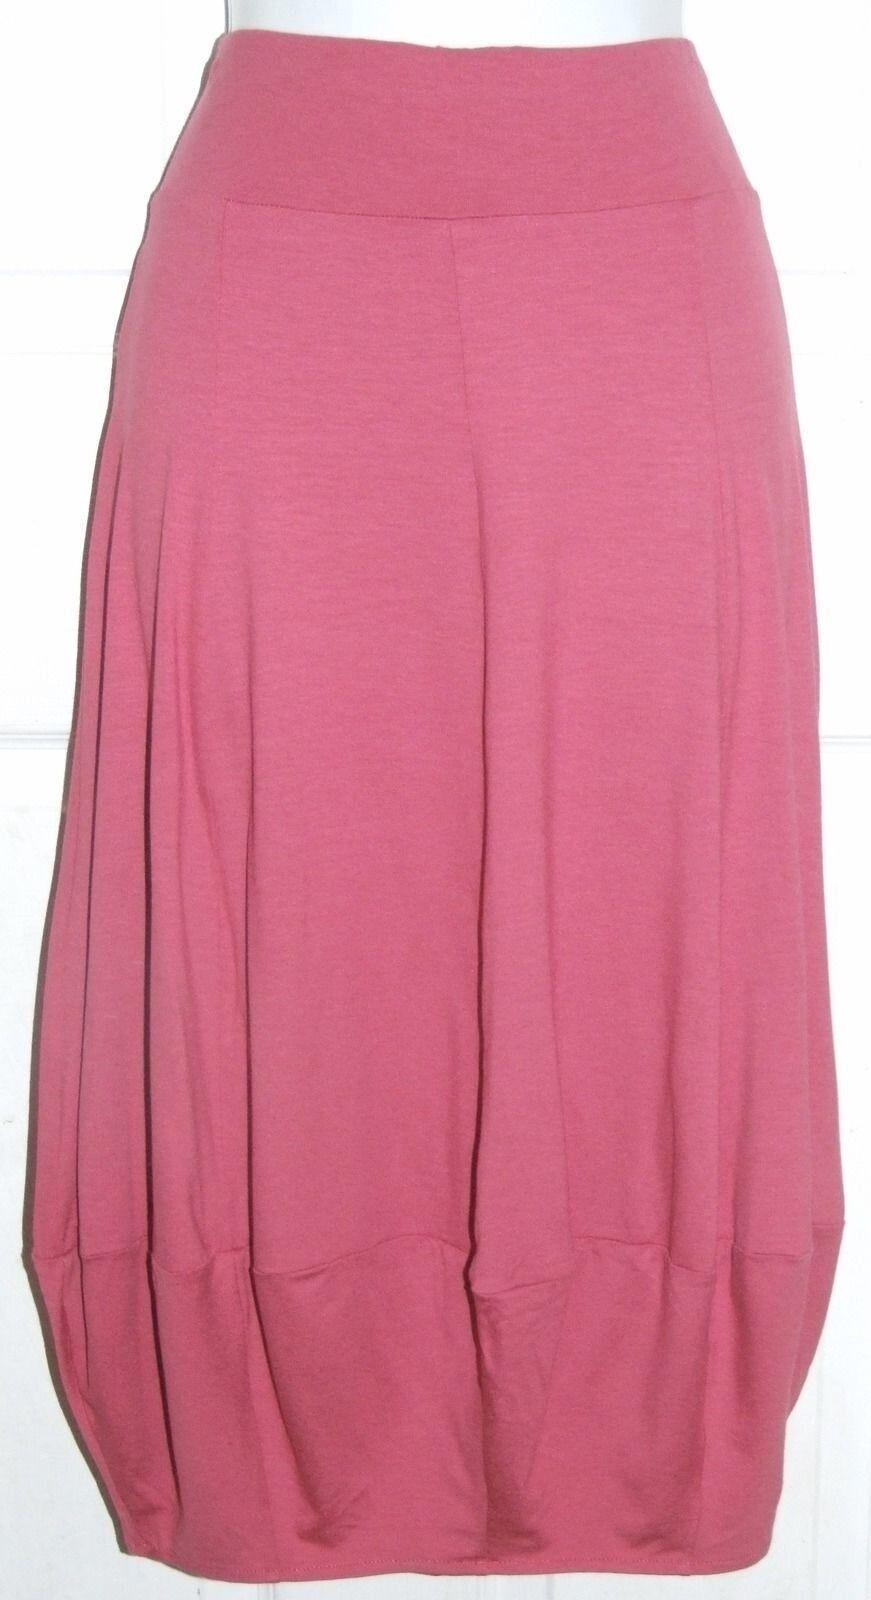 Ronen Chen Cherry Jesse Skirt